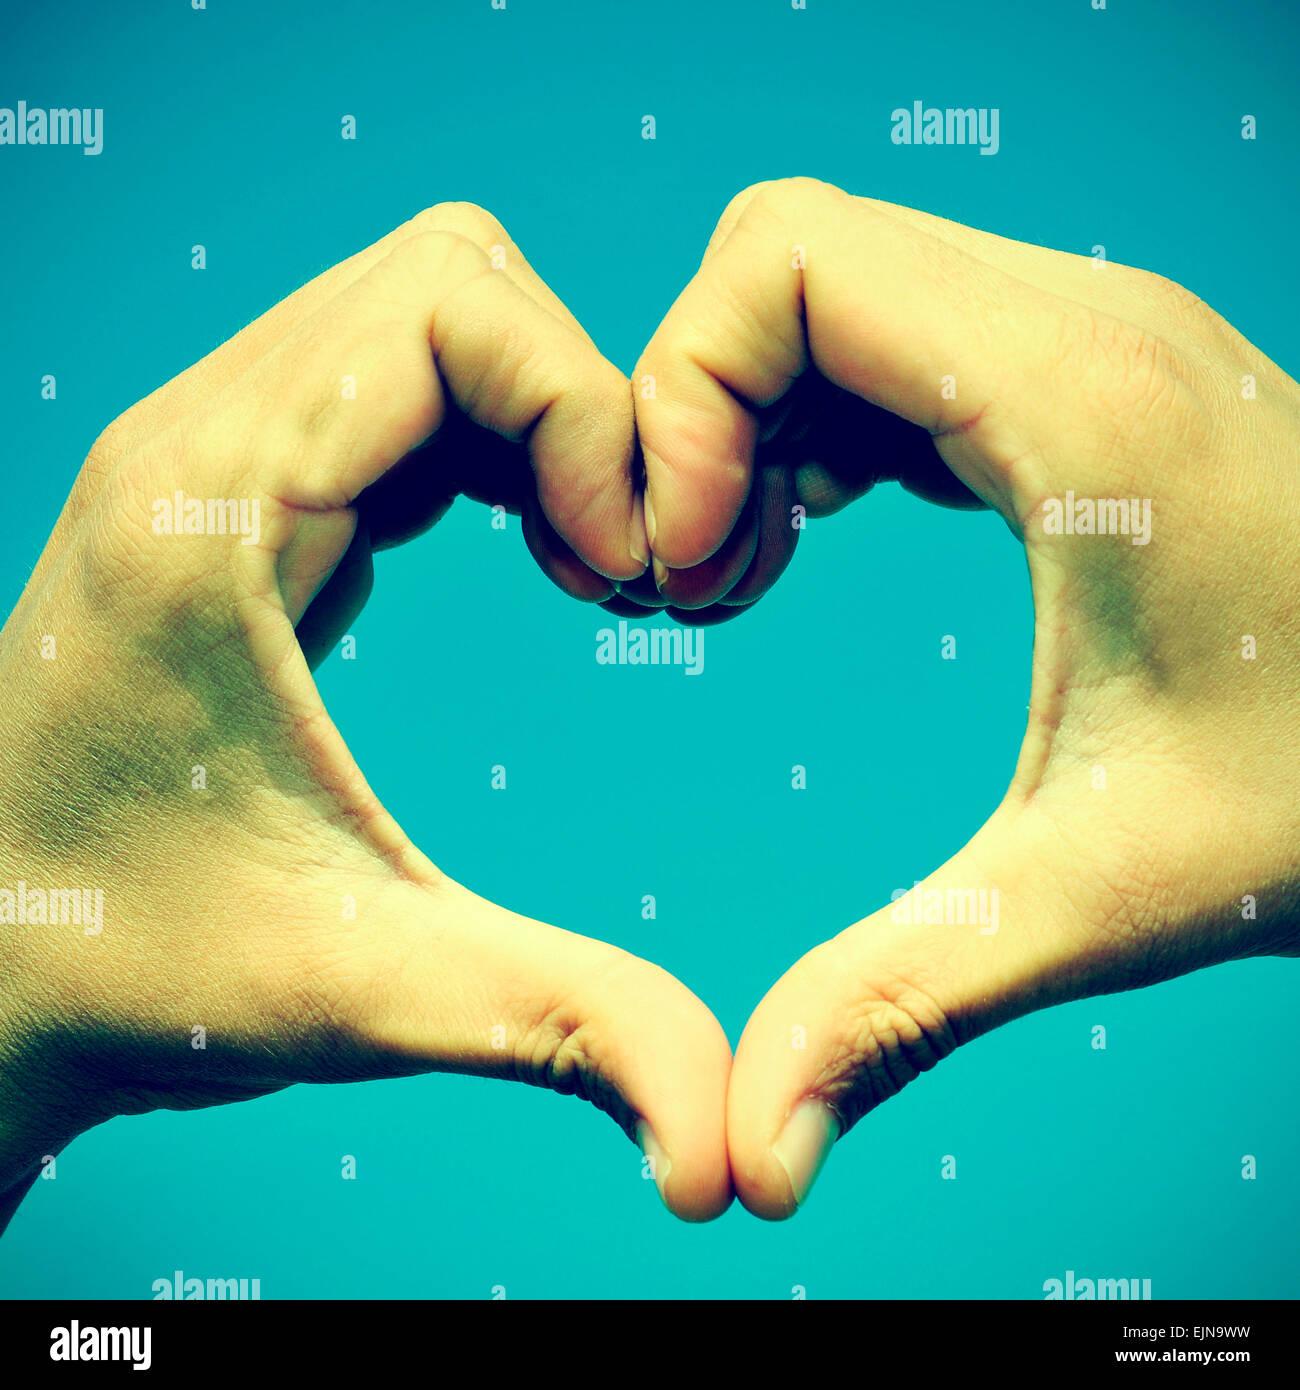 Imagen del hombre de las manos formando un corazón en el cielo azul, con un efecto retro Imagen De Stock